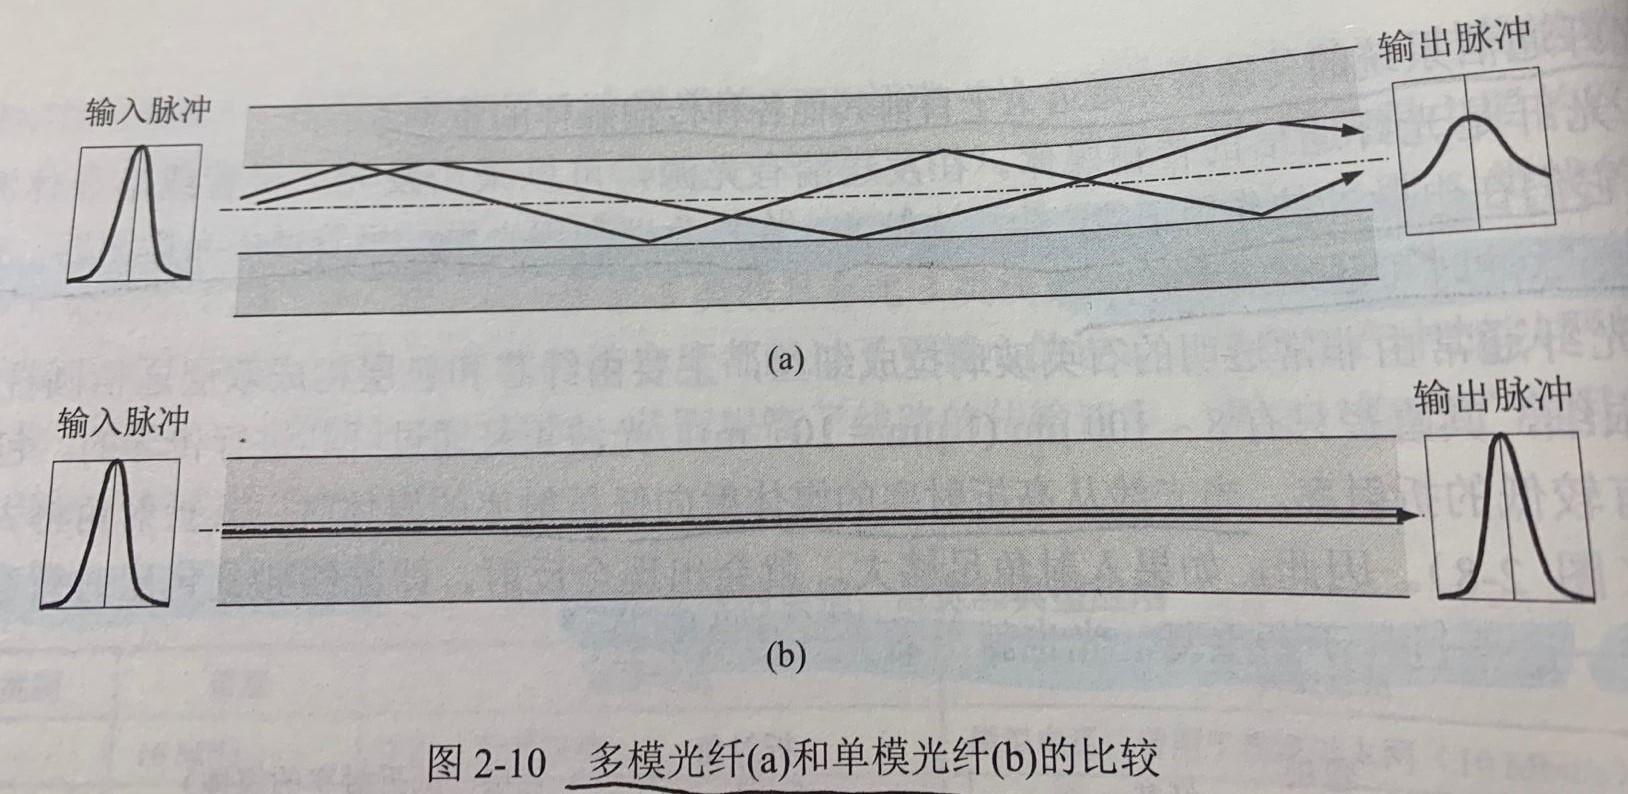 多模光纤和单模光纤